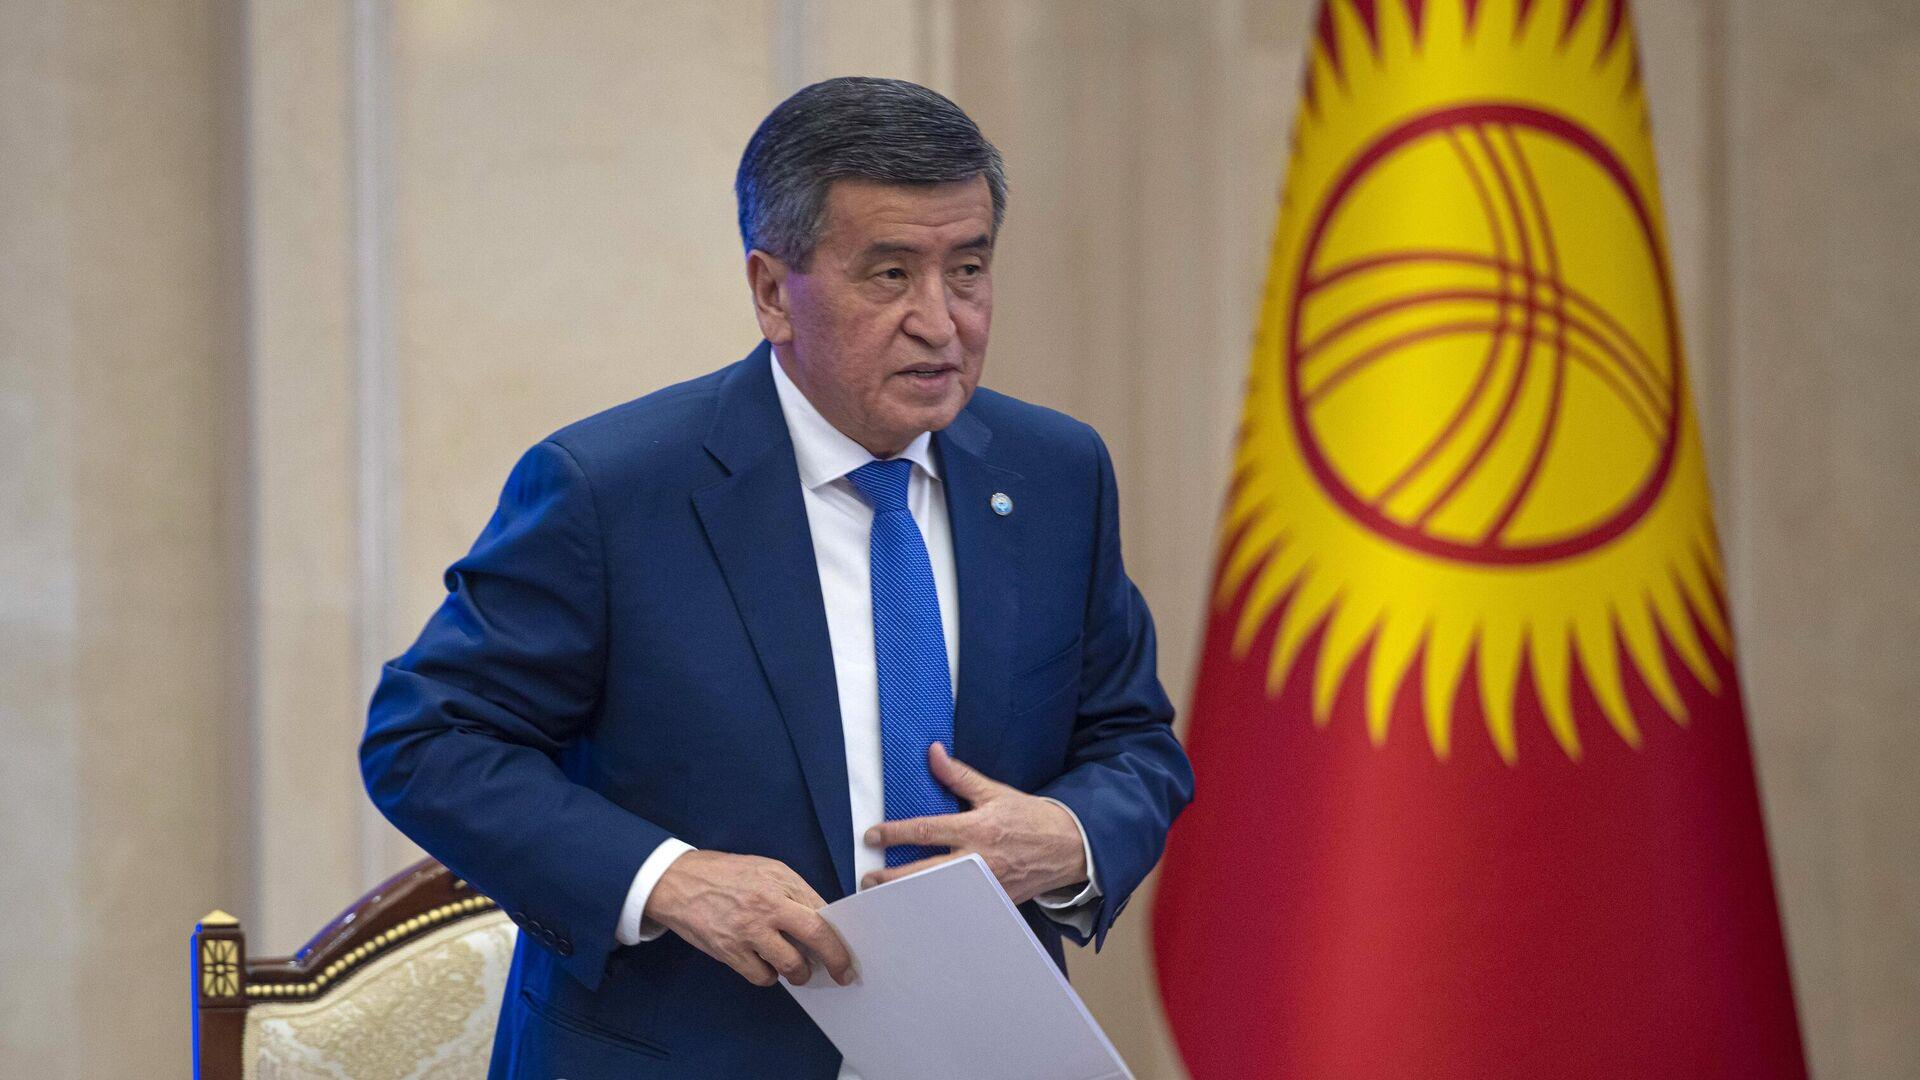 Сооронбай Жээнбеков на внеочередном заседании парламента Киргизии - РИА Новости, 1920, 28.01.2021